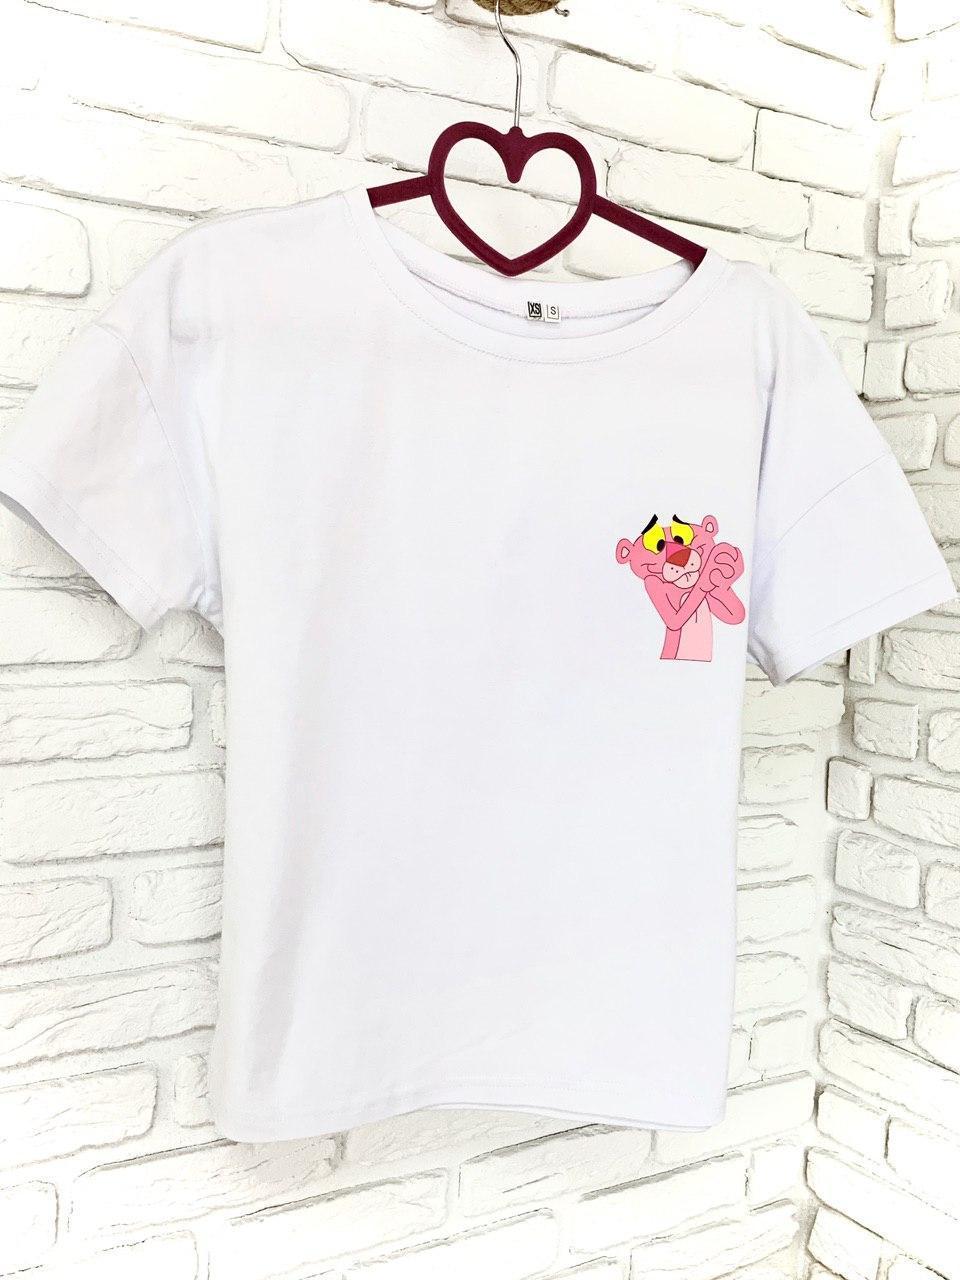 Женская Футболка хлопок с принтом Pink panther Розовая пантера белая